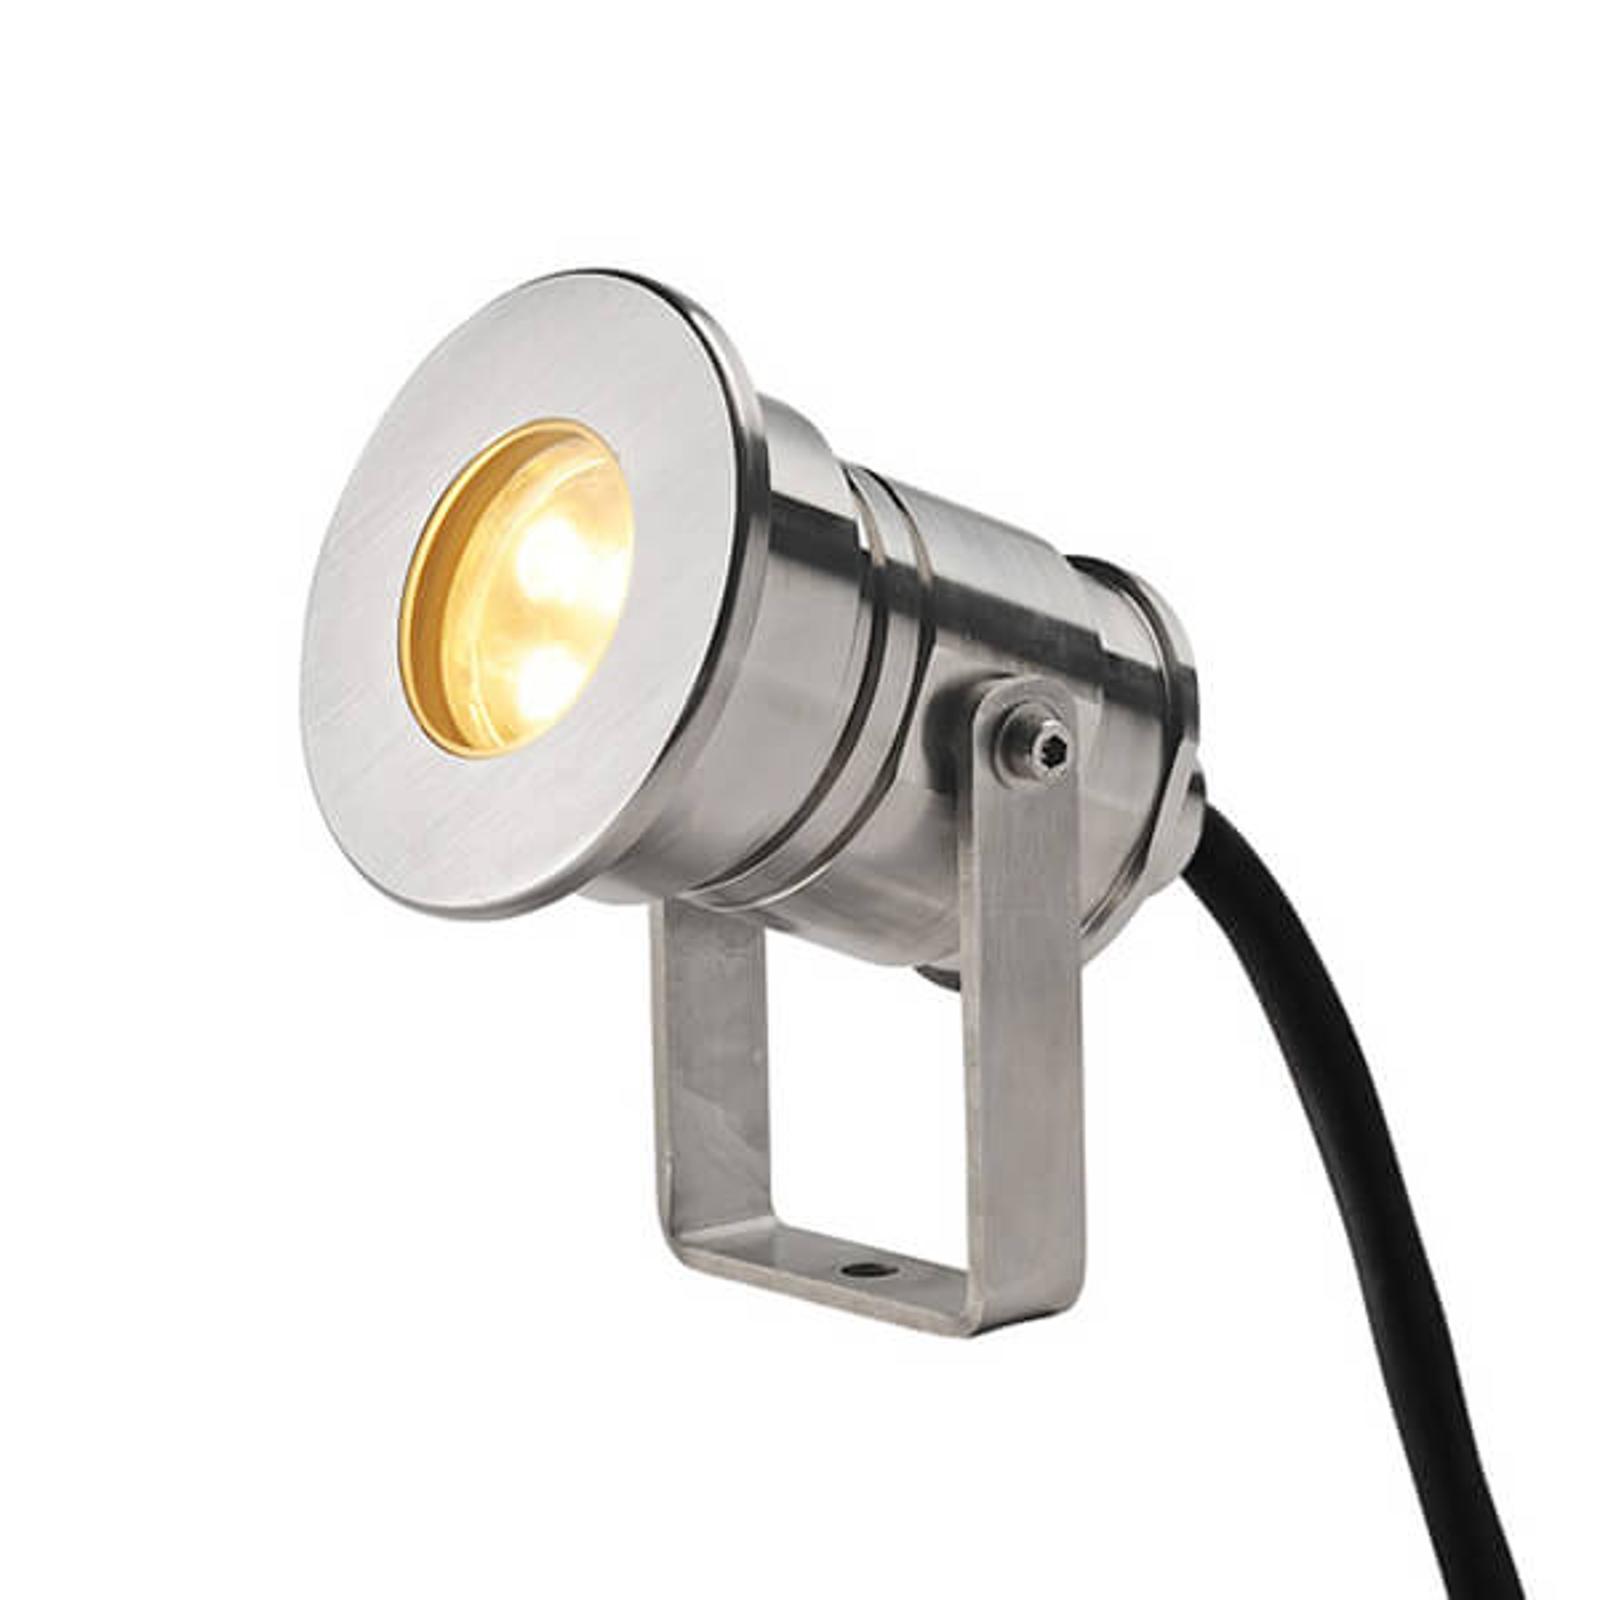 SLV Dasar Projector zewnętrzny reflektor LED